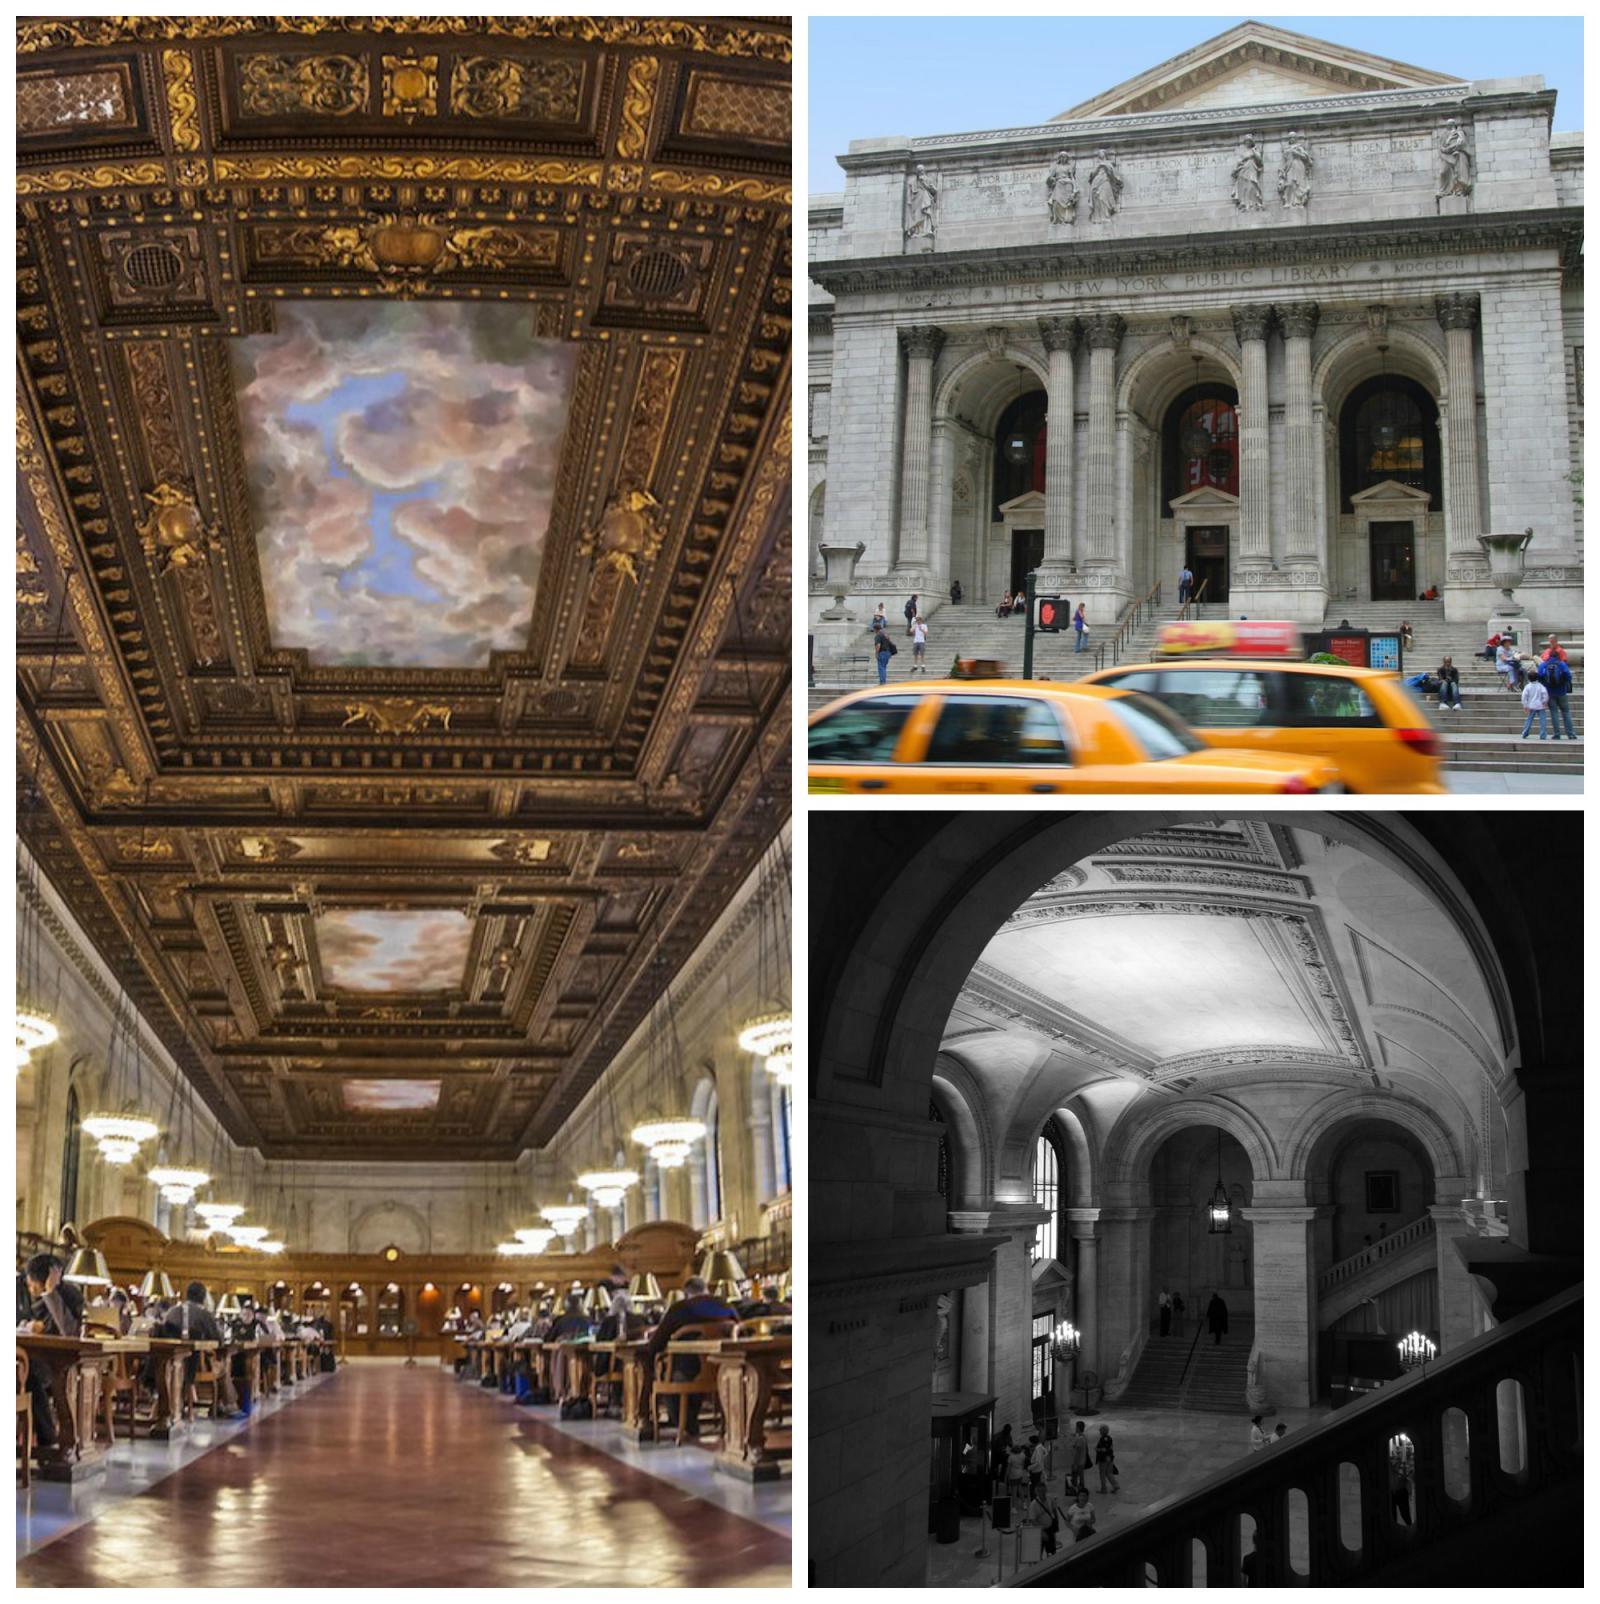 Lugares que visitar en Nueva York: Biblioteca pública de Nueva York